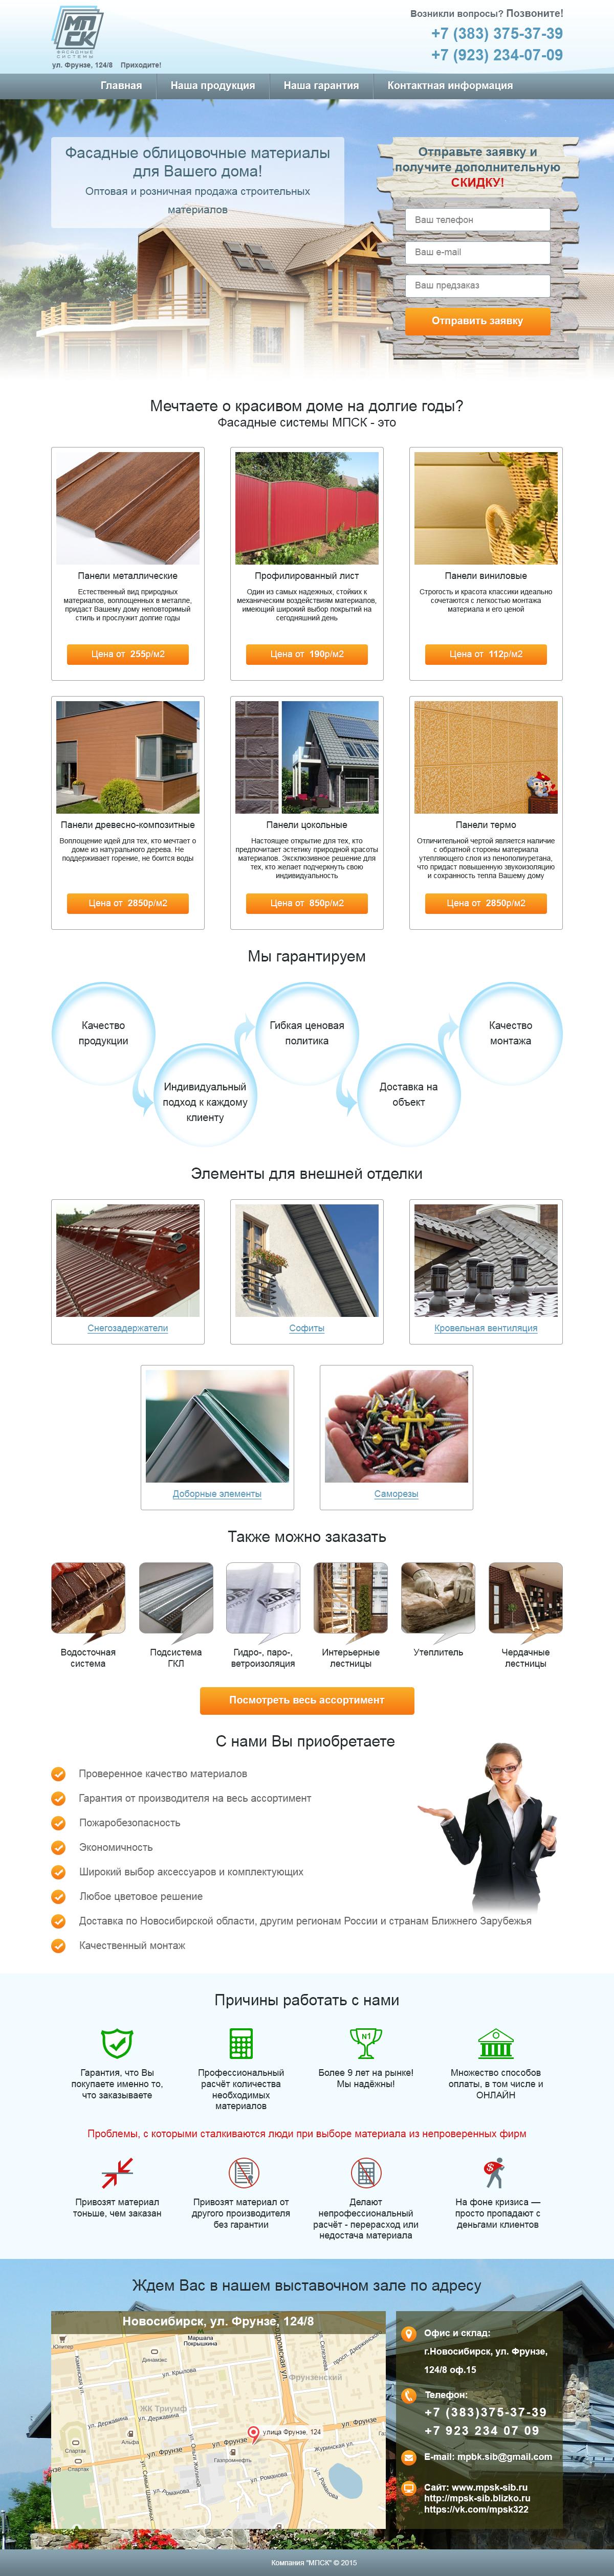 Дизайн Landing Page. Фасадные облицовочные материалы для дома